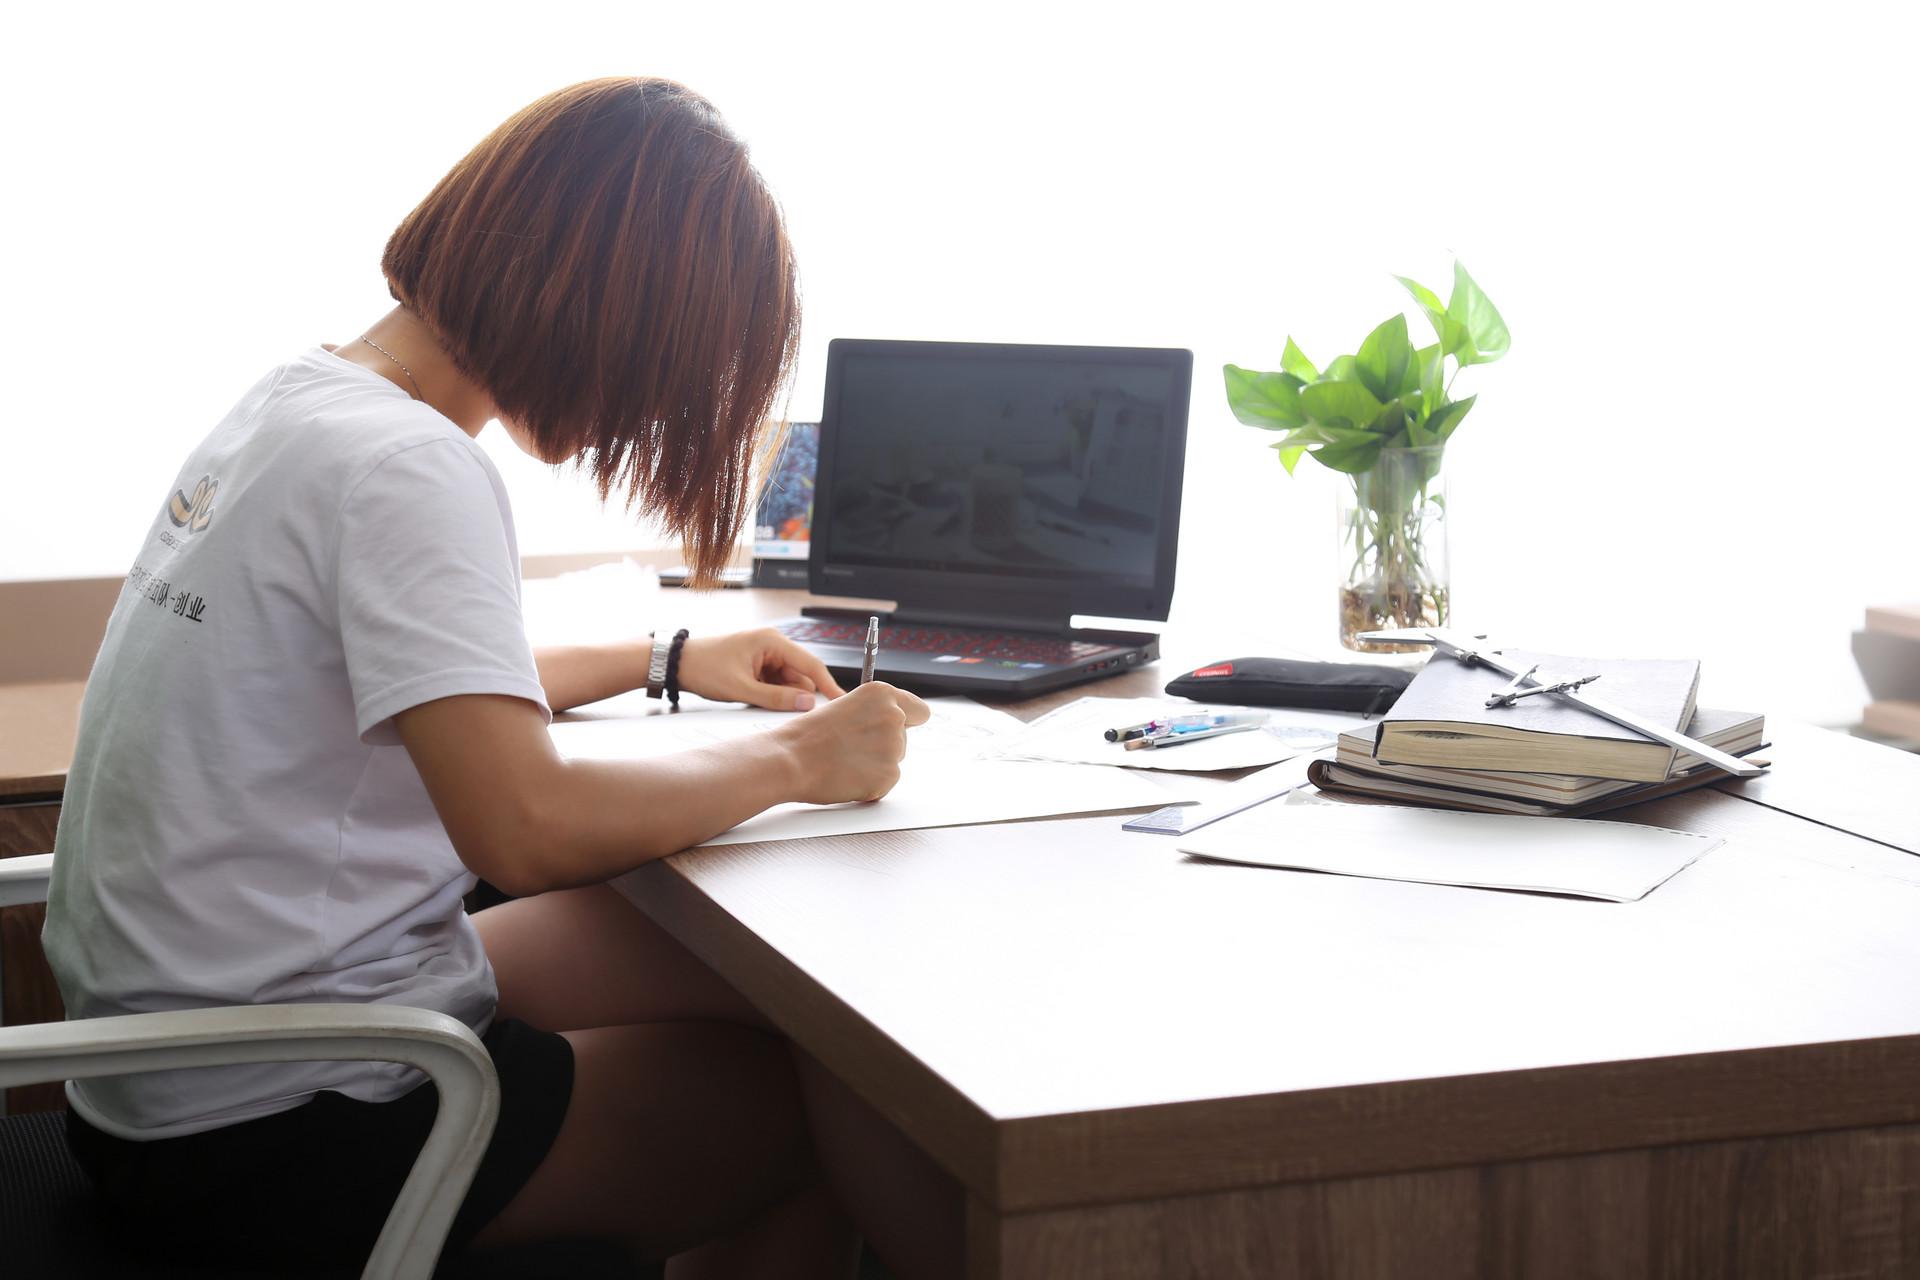 短信工资条的时代来了,纸质工资条可以宣告淘汰了